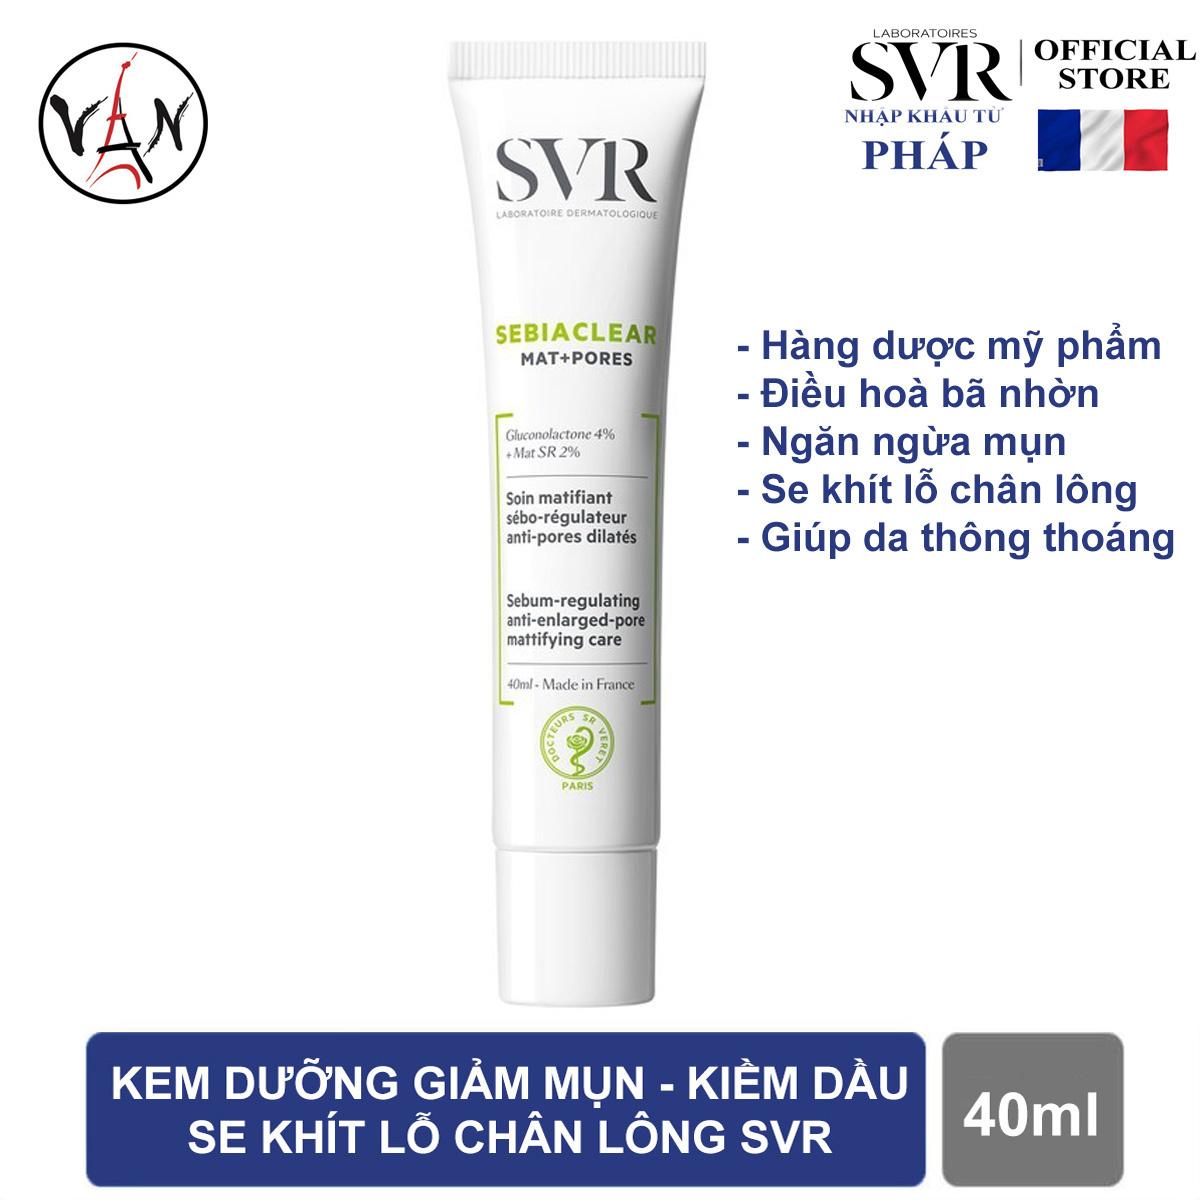 Kem dưỡng giảm mụn kiềm dầu se khít lỗ chân lông SVR SEBIACLEAR Mat + Pores 40ml nhập khẩu